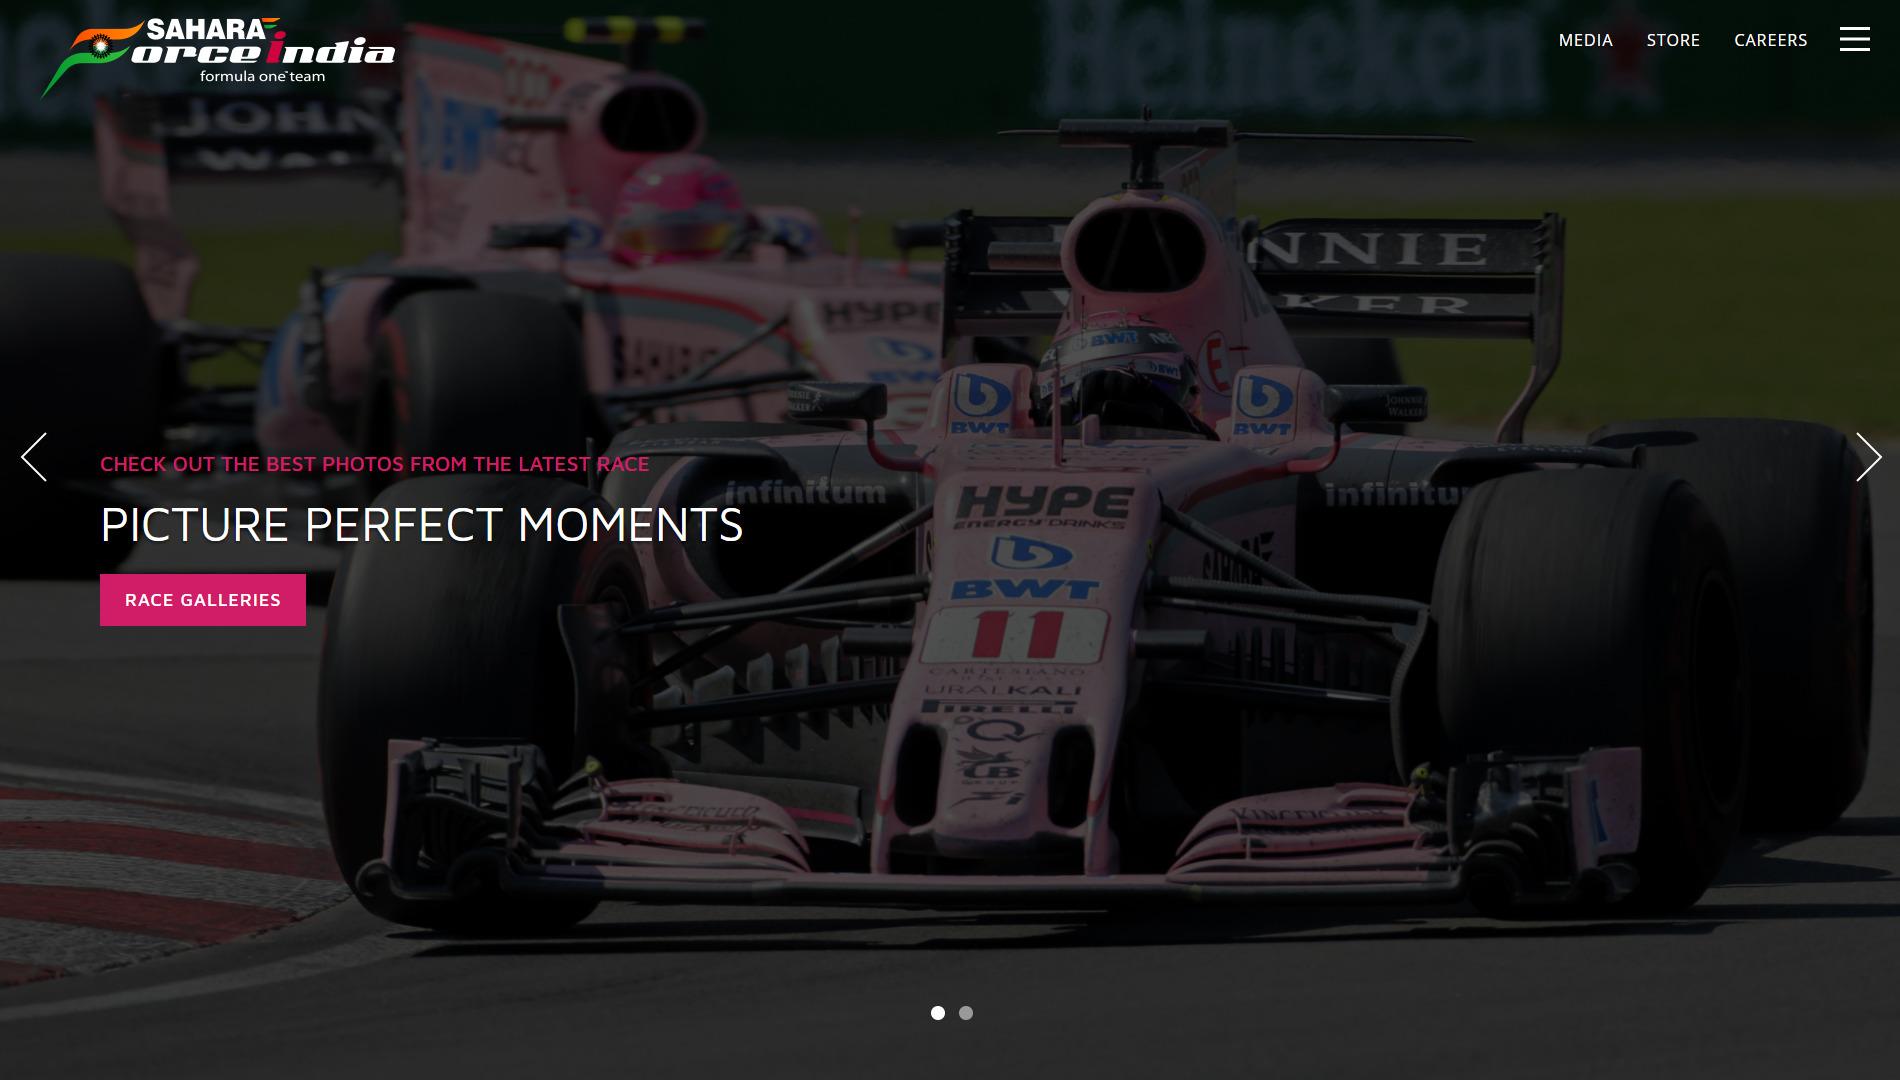 [사진 사하라 포스 인디아 F1 홈페이지]